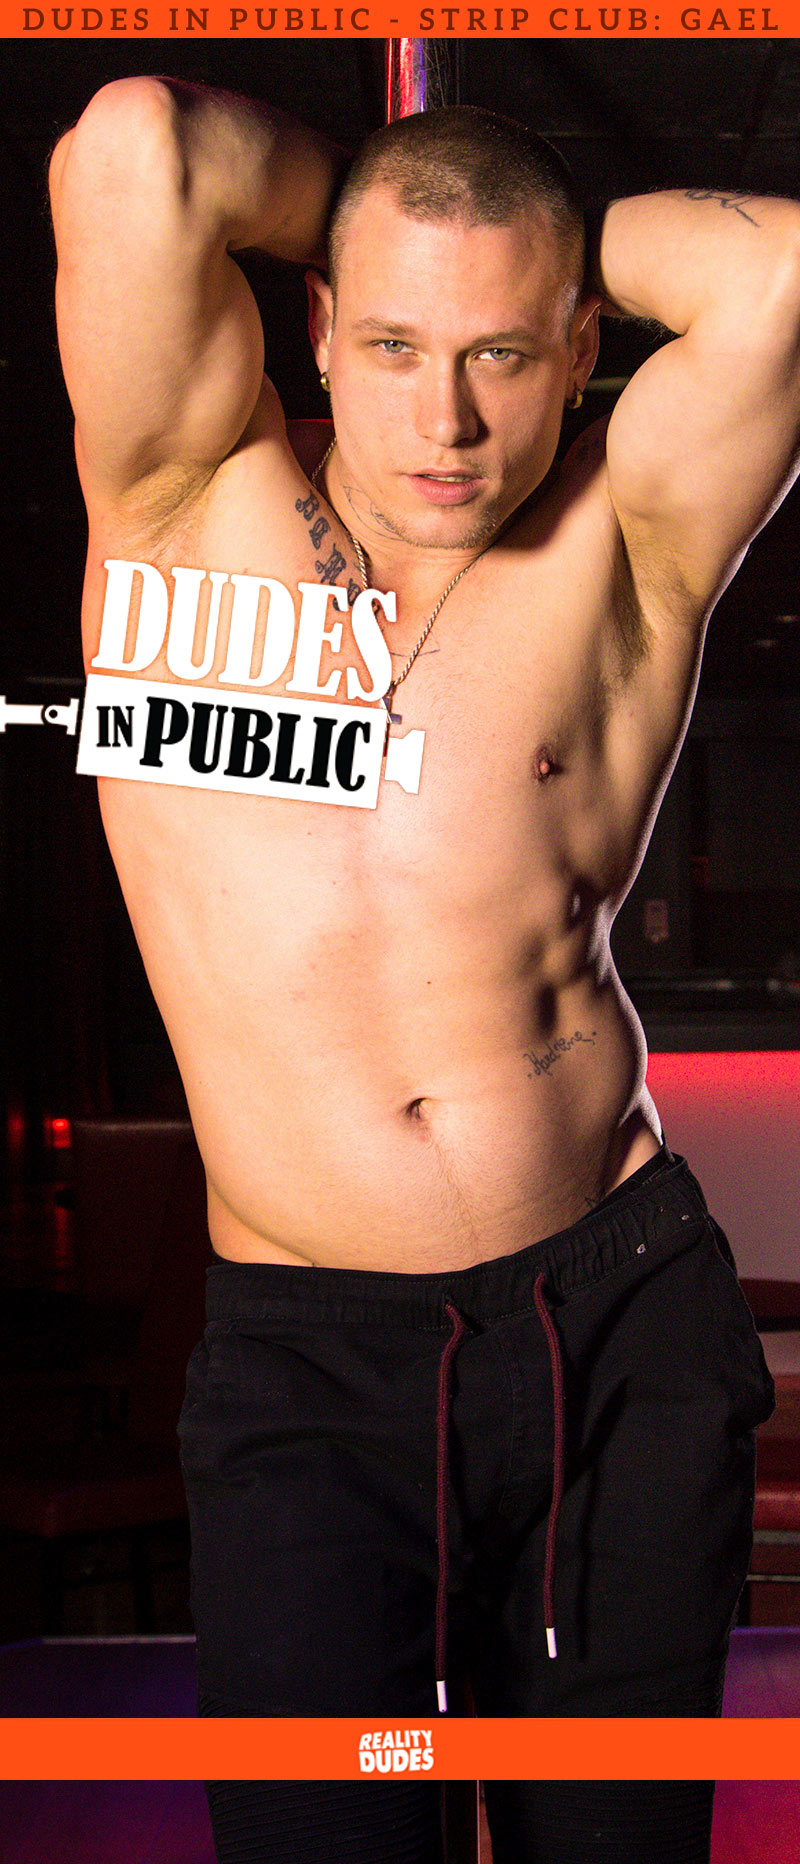 Dudes In Public, Strip Club: Gael